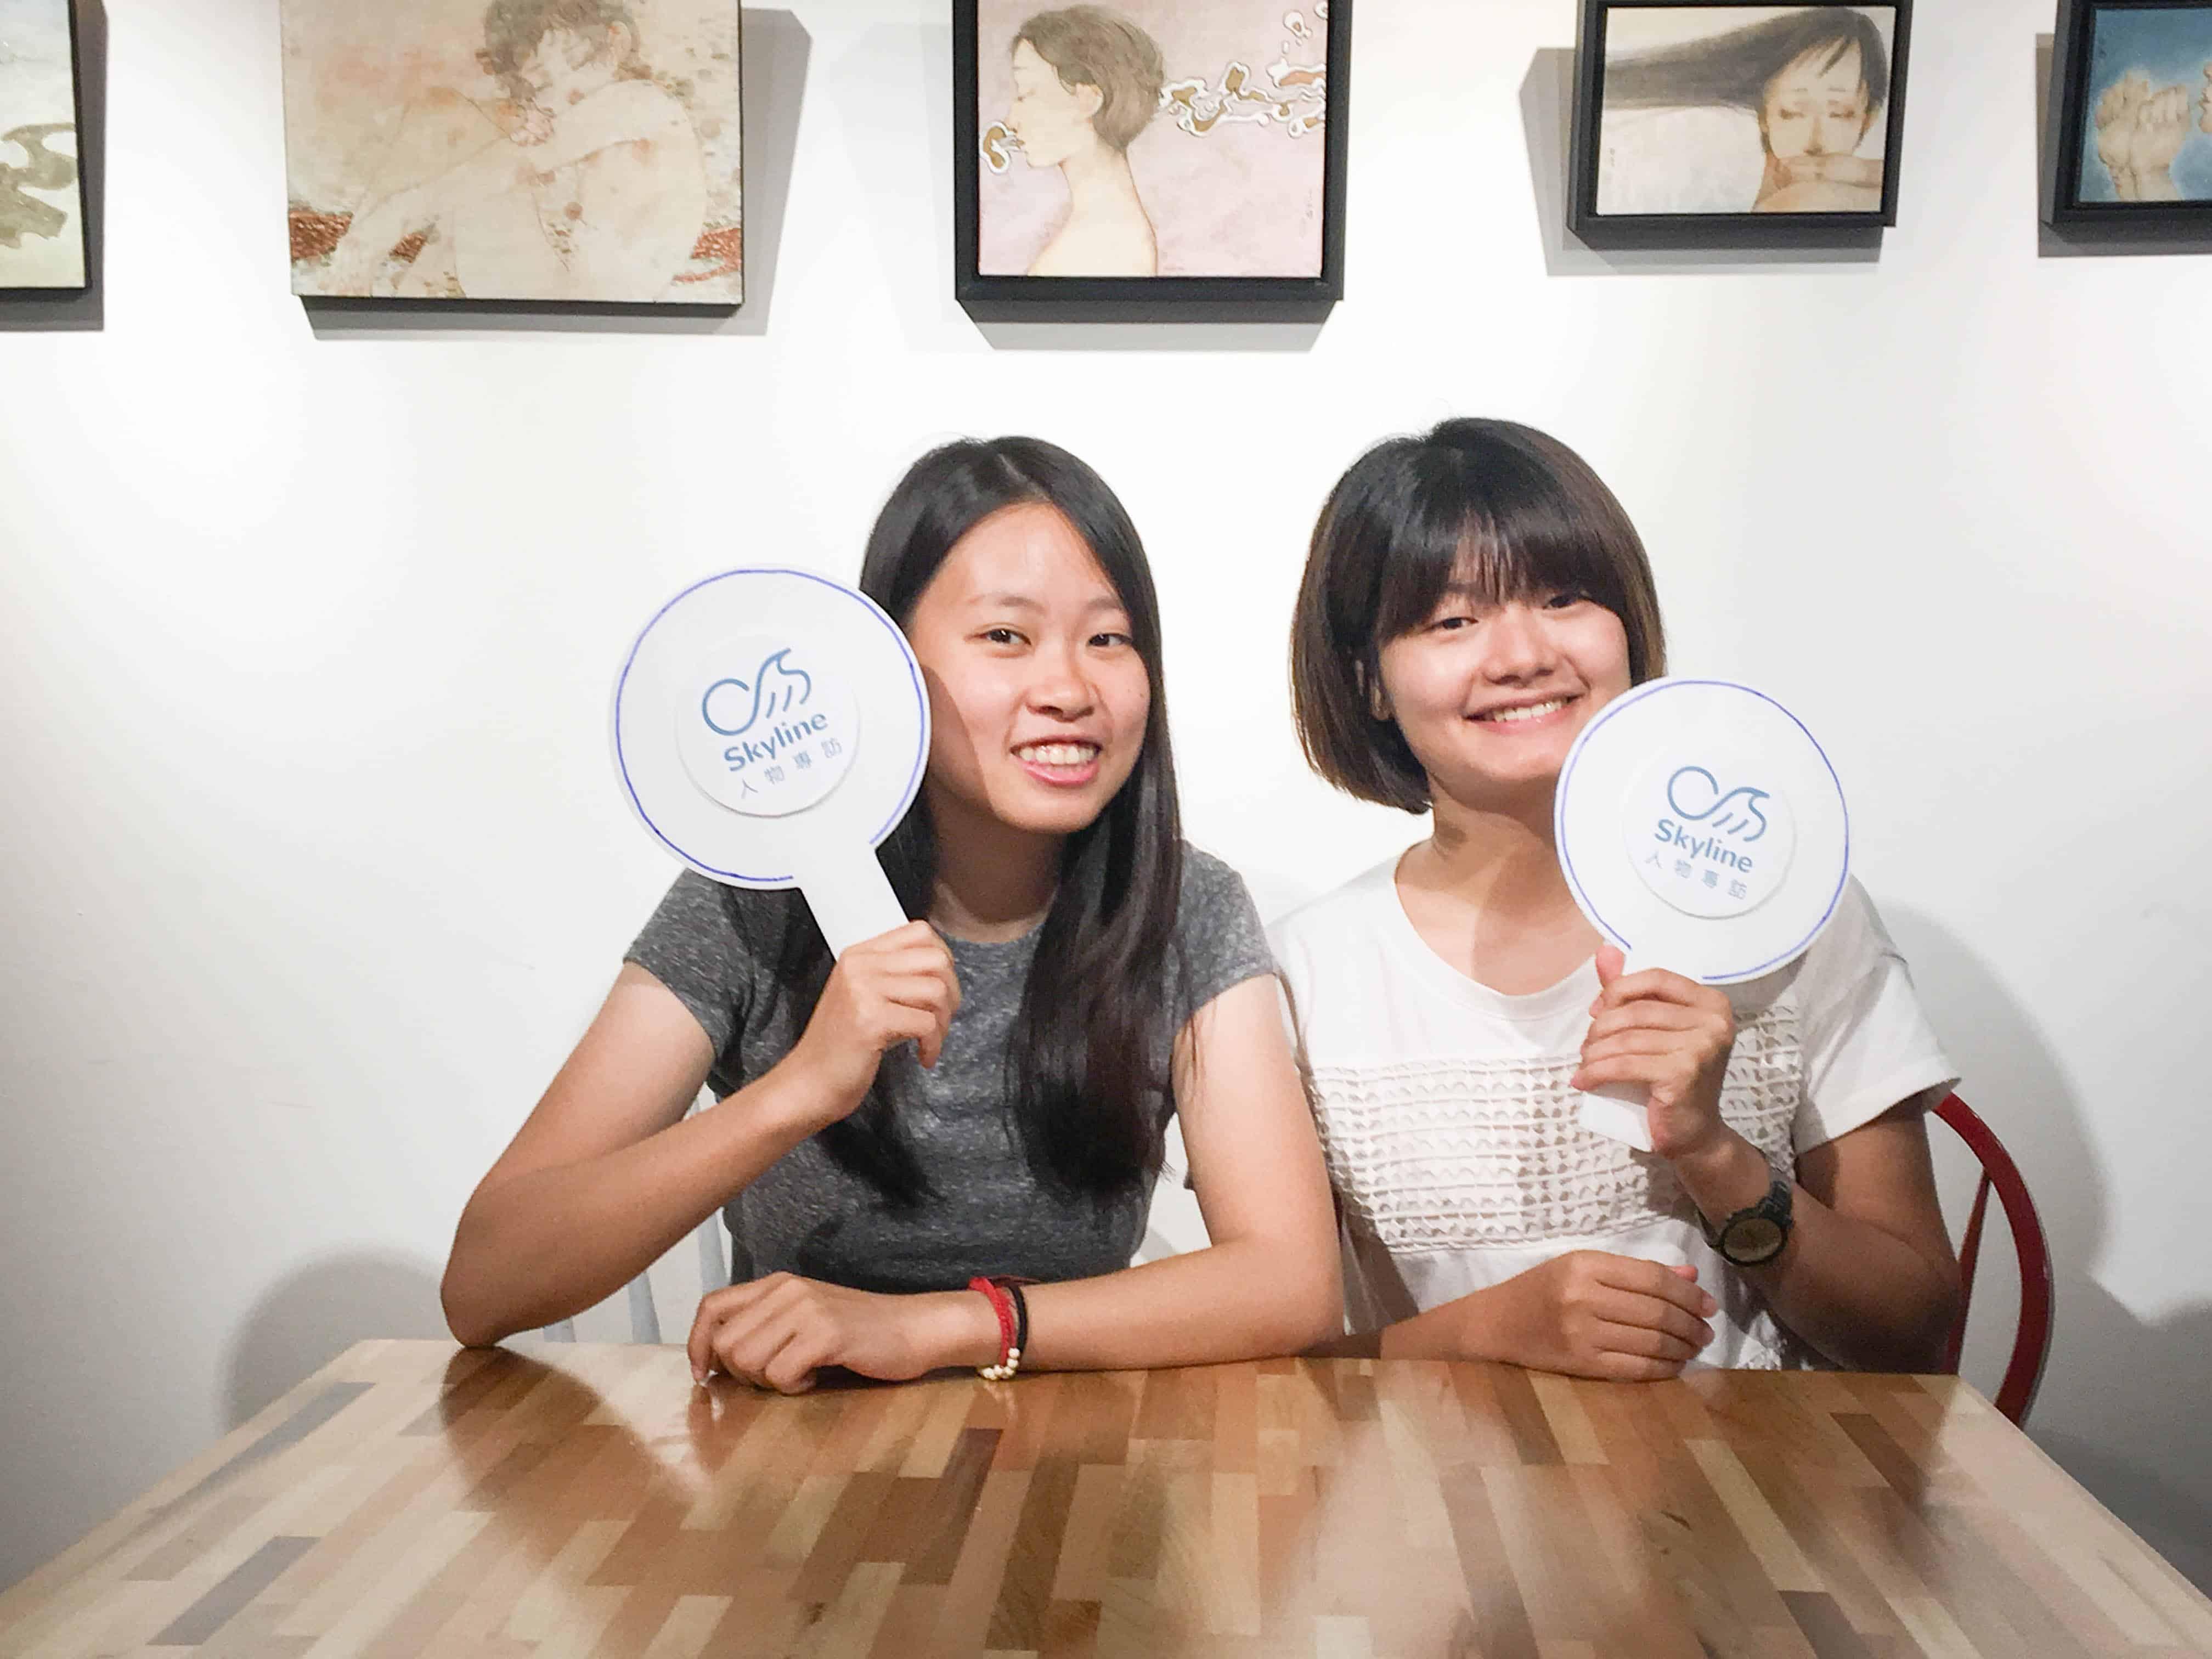 【會議:全美學習服務年會】陳祖瑤、李盈萱:你只需要六十分的勇氣,別因為年輕就看輕自己